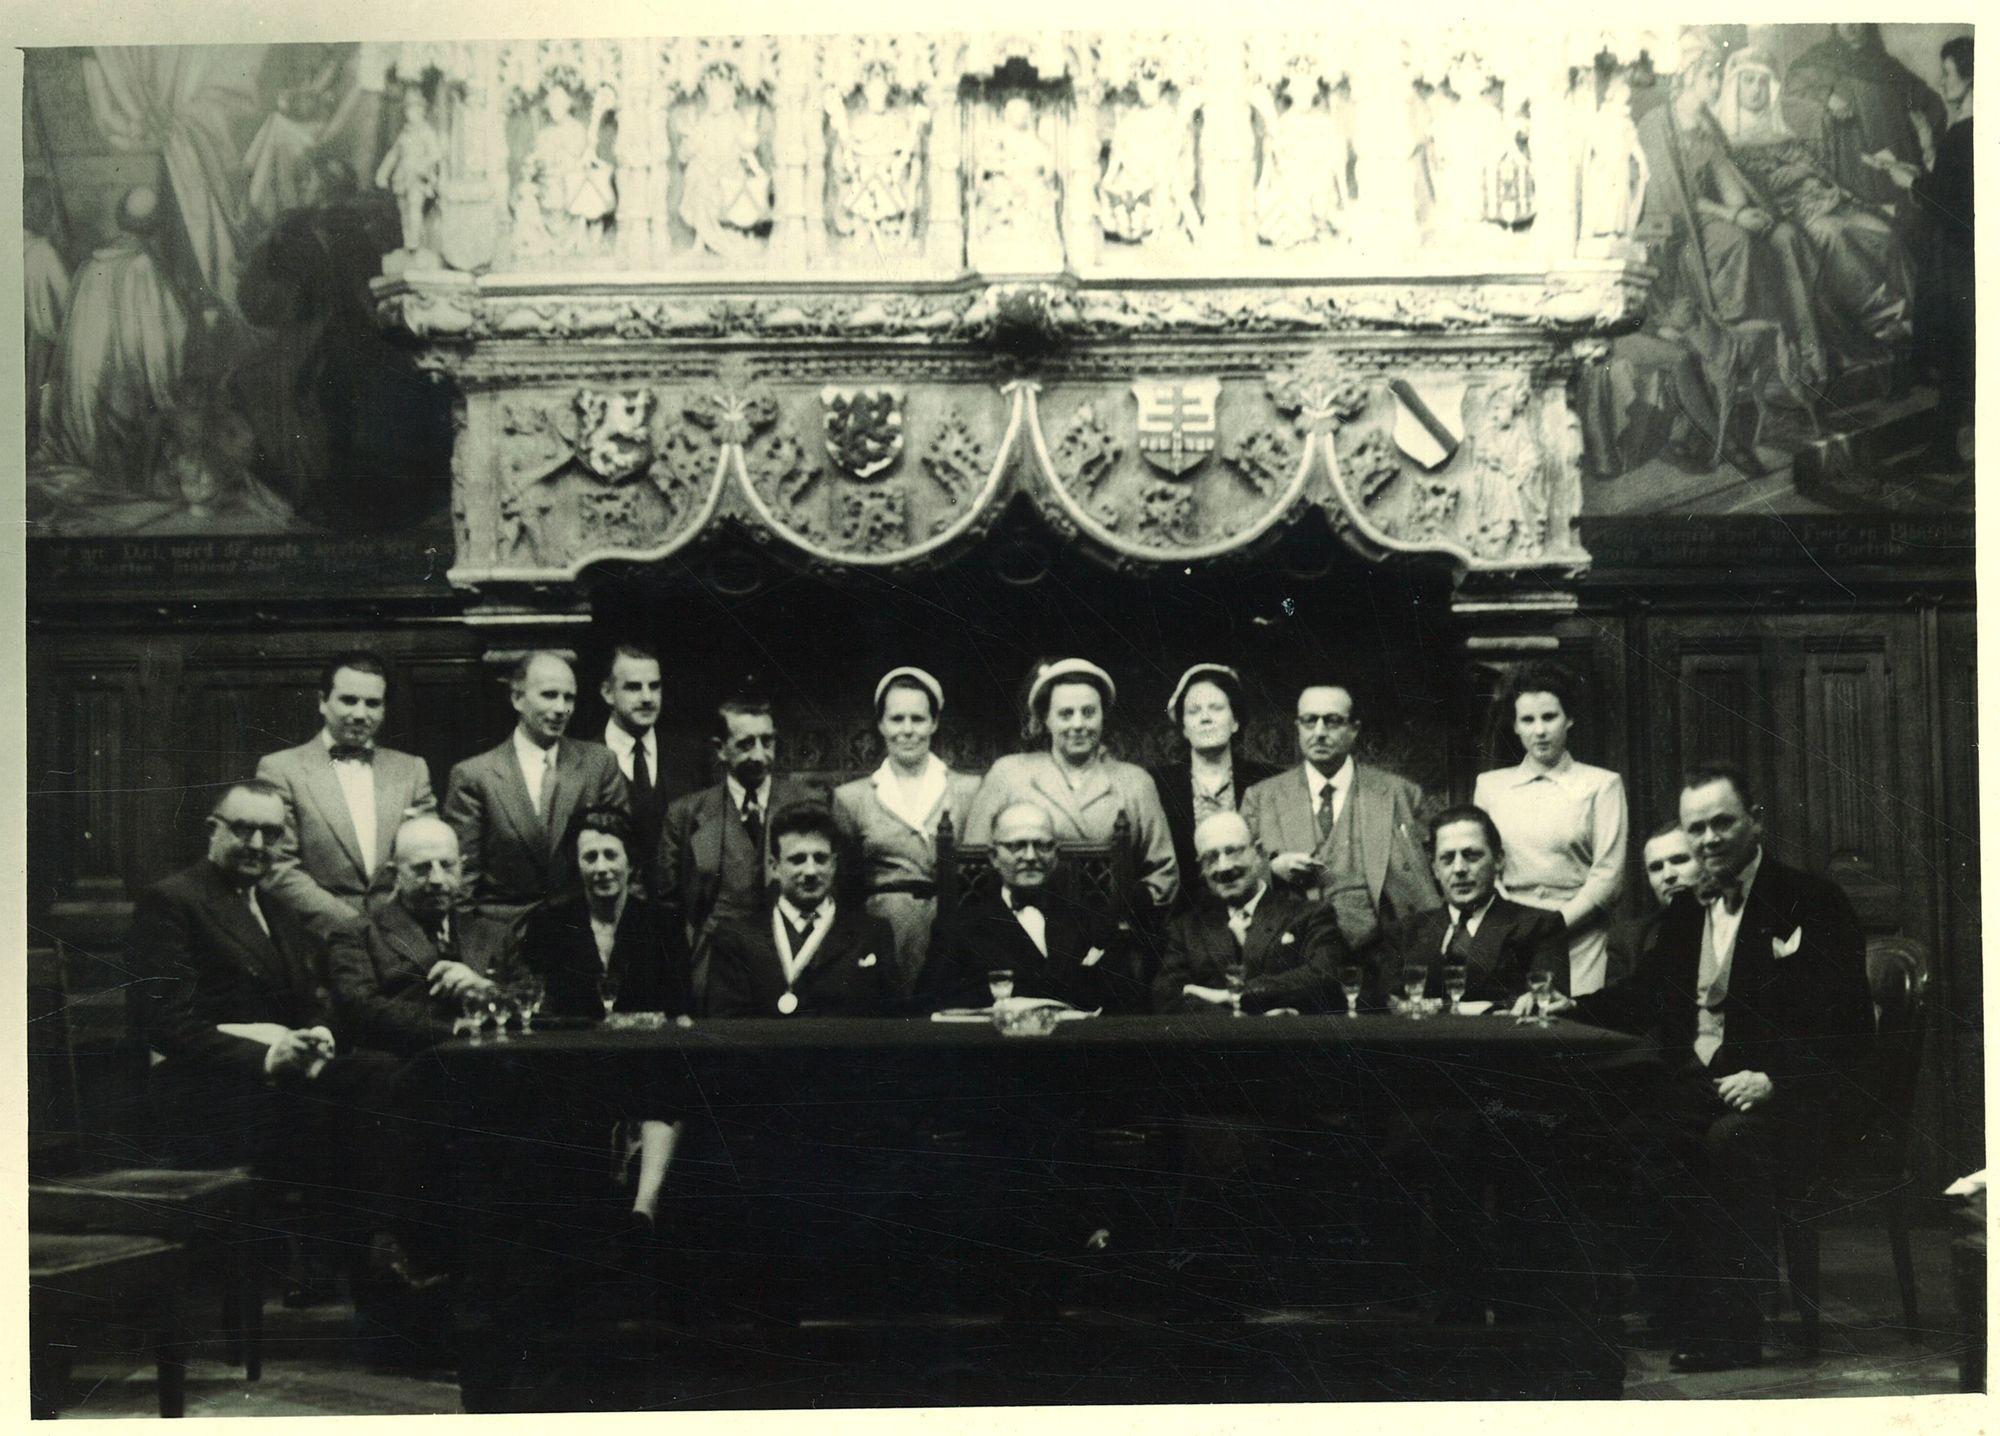 Burgemeester Coussens in de historische schepenzaal